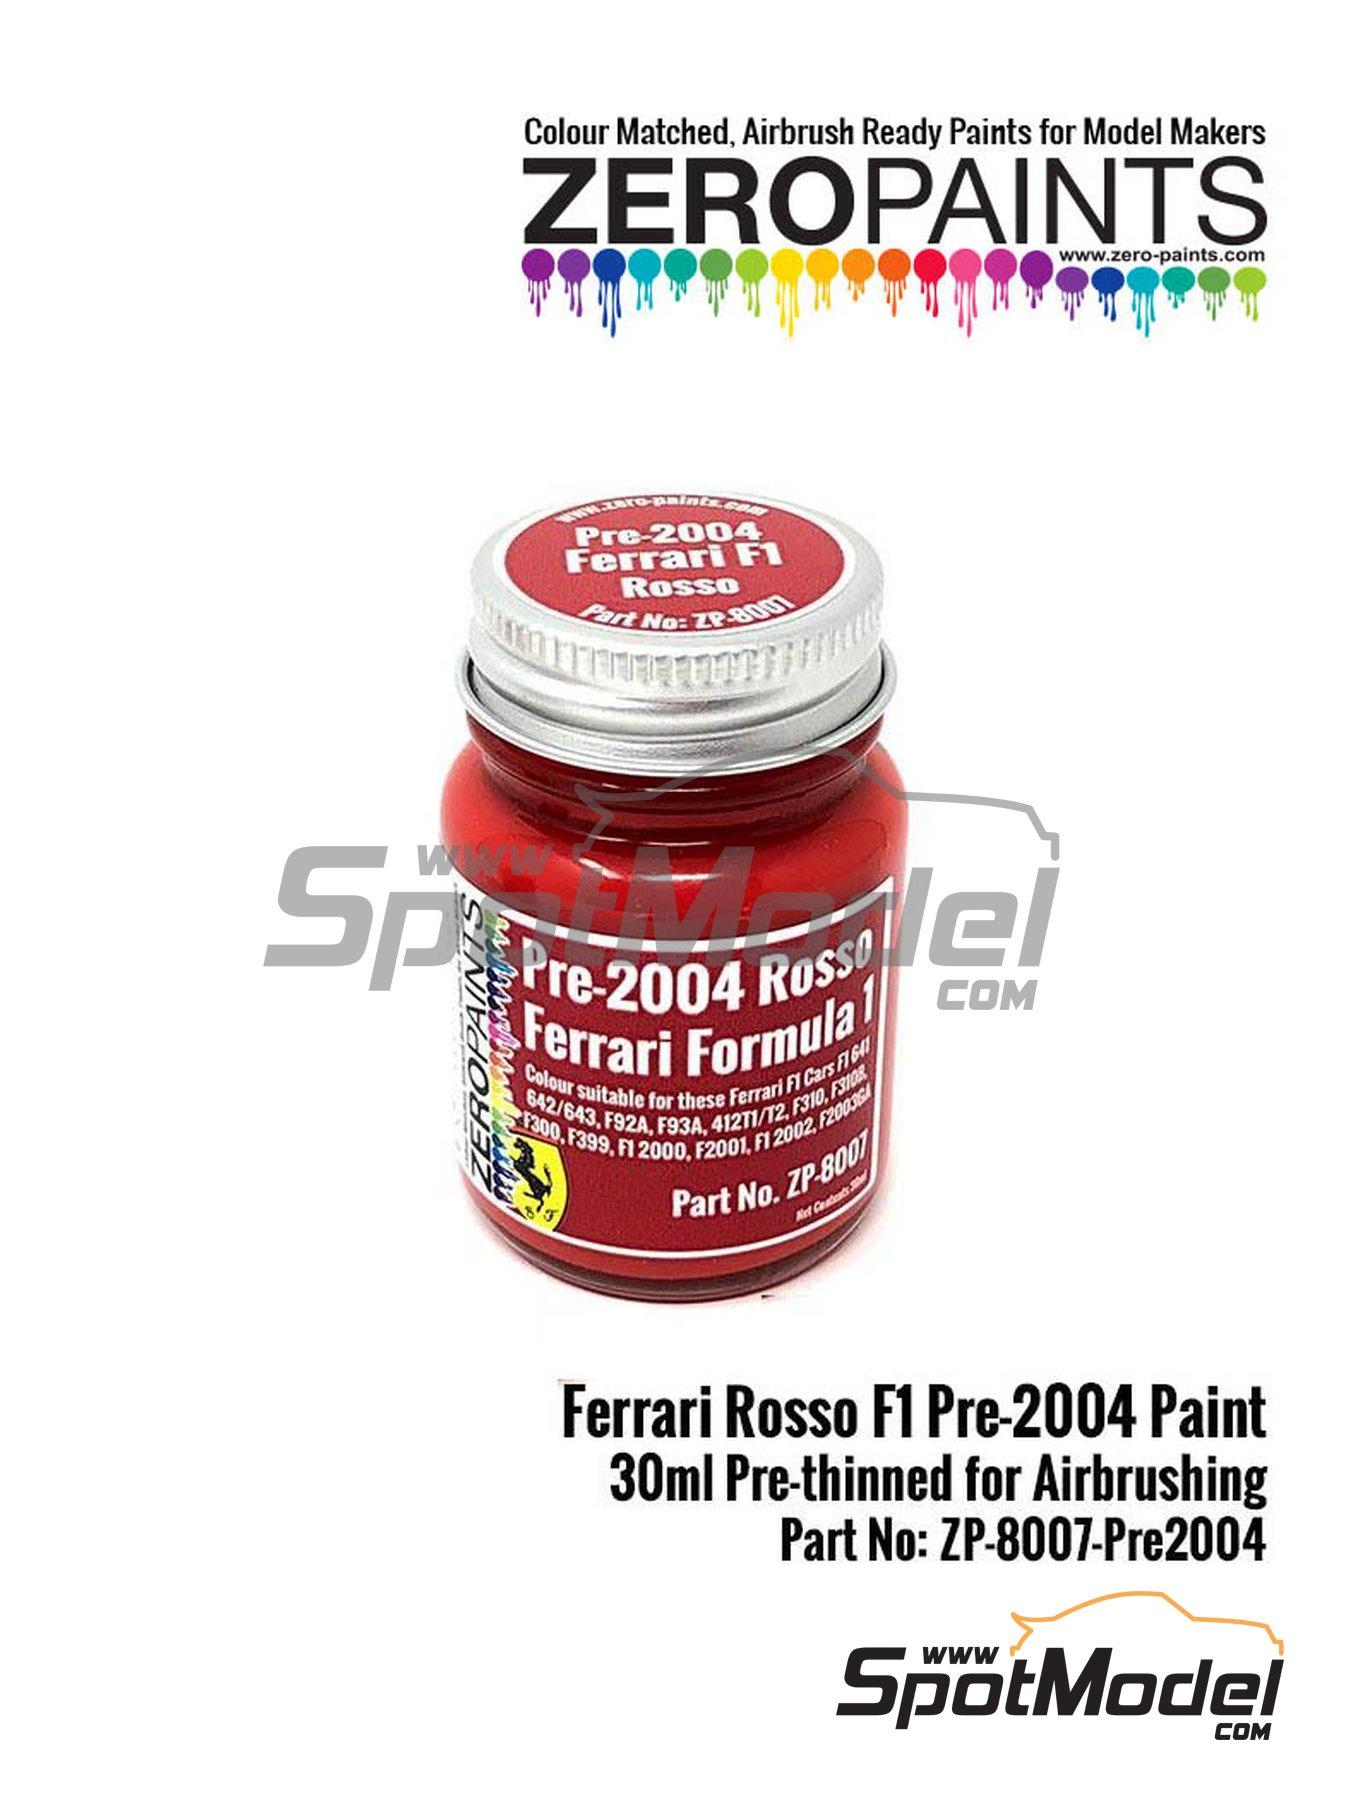 Rojo Ferrari F1 pre-2004 - Ferrari Rosso Formula1 Pre-2004 - 1 x 30ml | Pintura fabricado por Zero Paints (ref.ZP-8007-PRE-2004) image